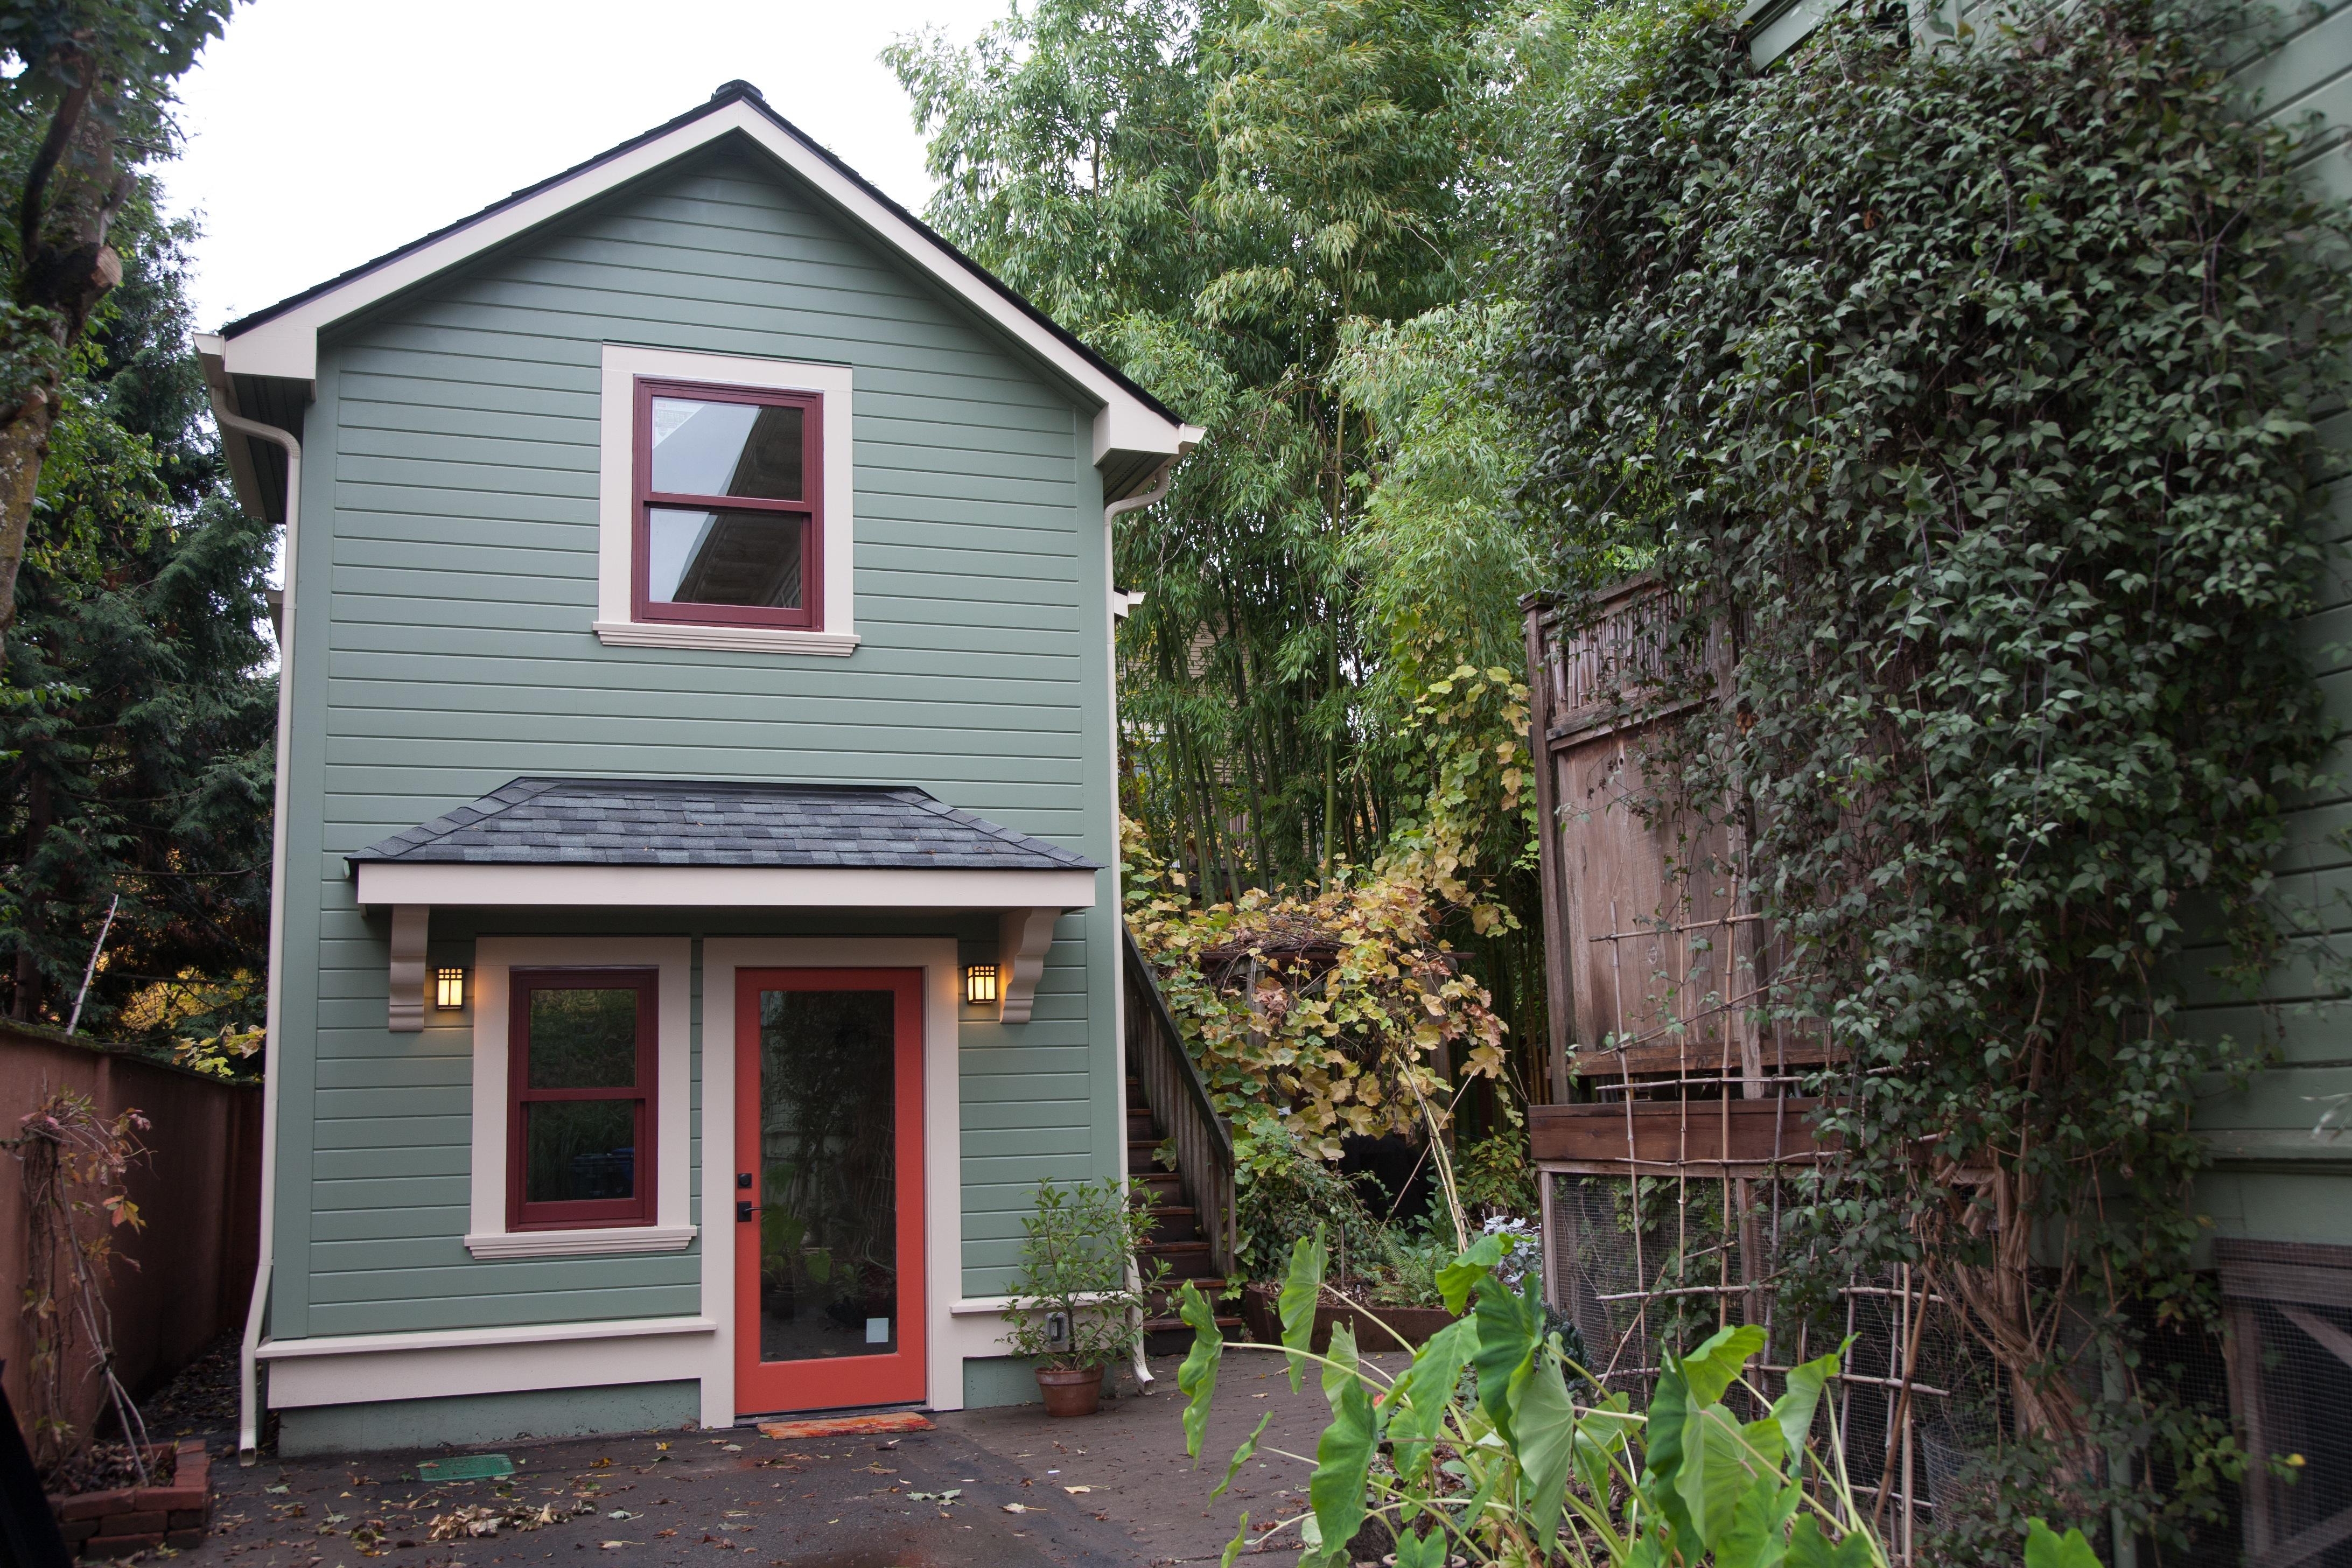 Gundle ADU & Barbara Gundle\u0027s ADU: A 2-Story Garage Conversion | Accessory Dwellings